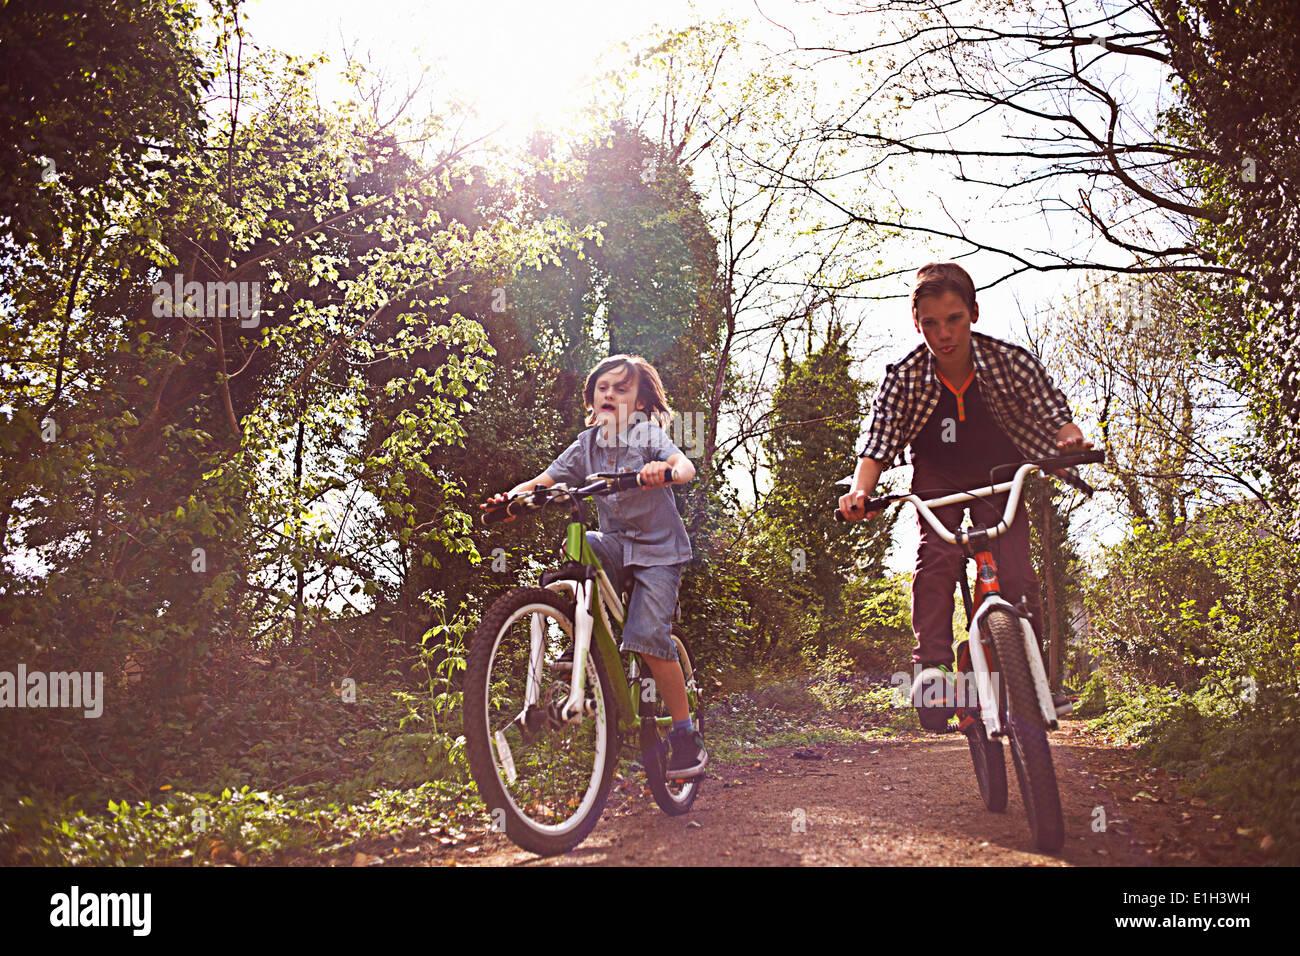 Los muchachos ciclismo a través del bosque Imagen De Stock